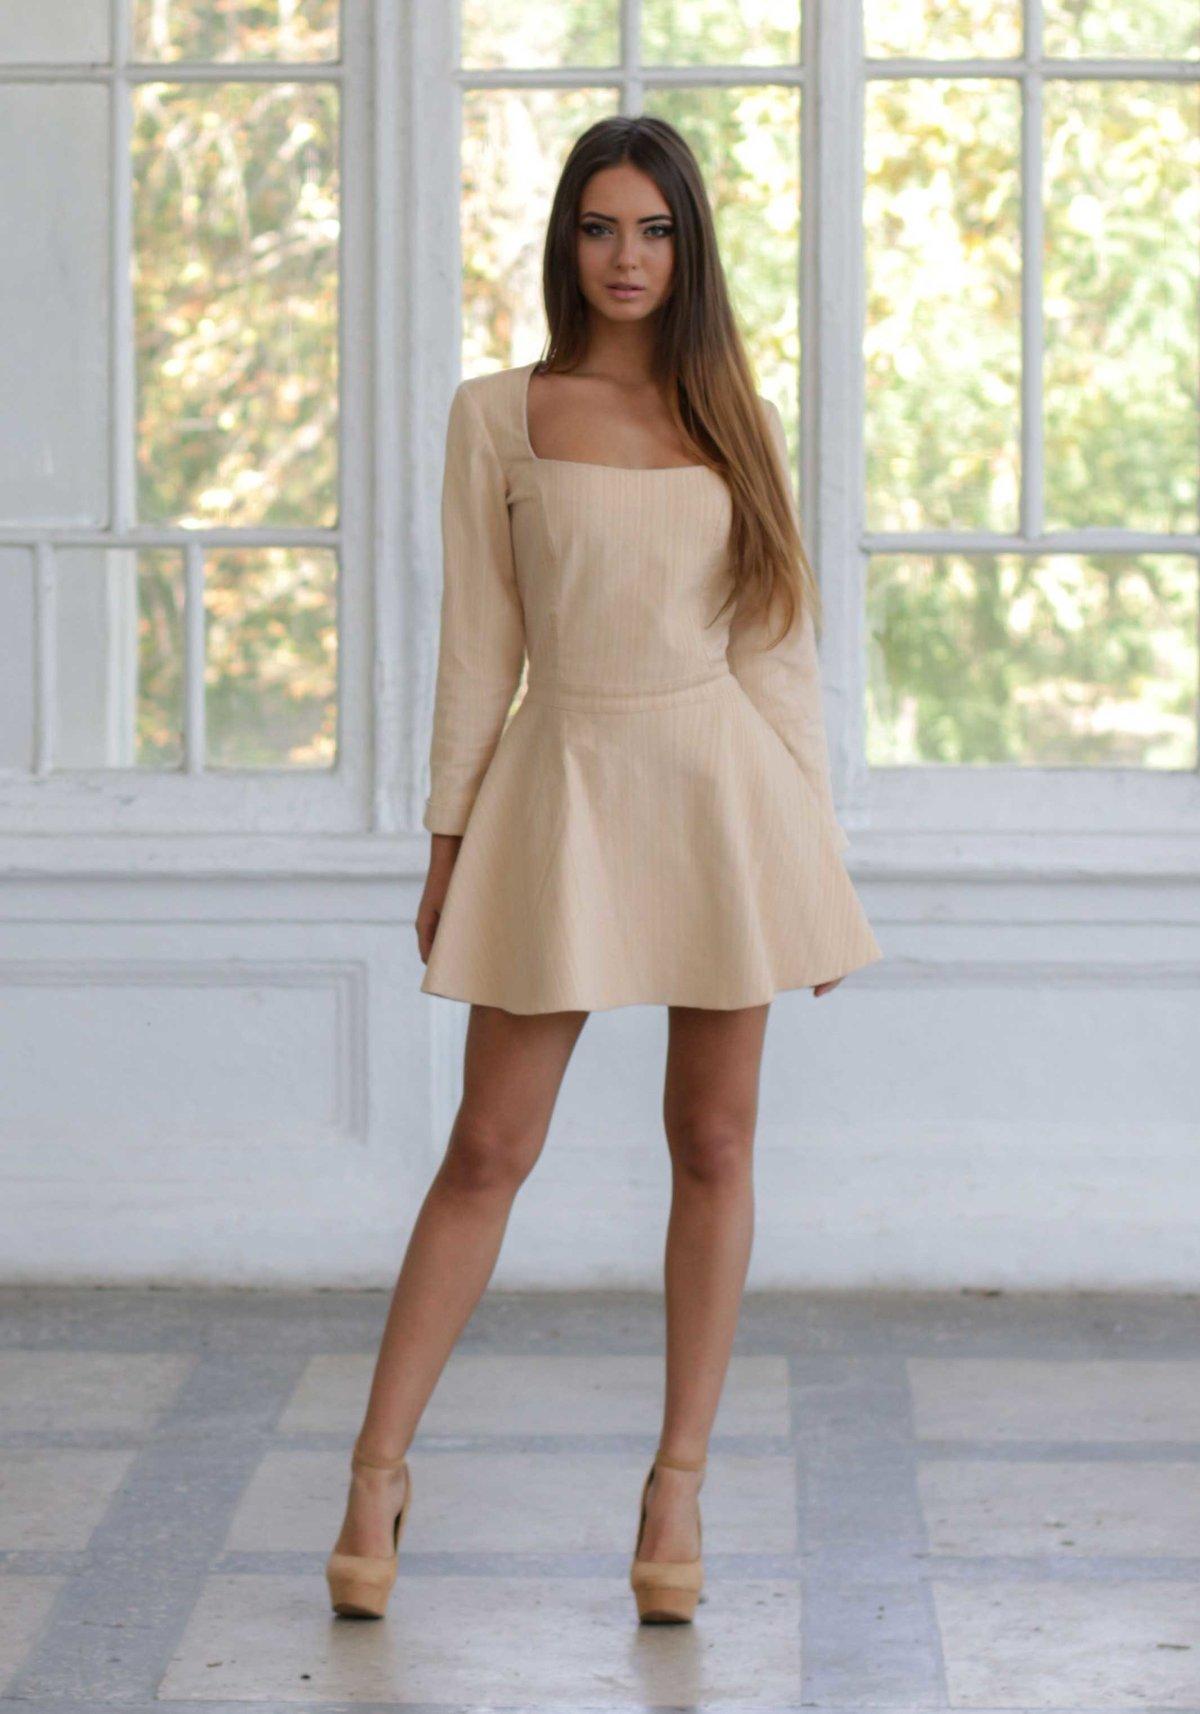 девушка в платье телесного цвета понял